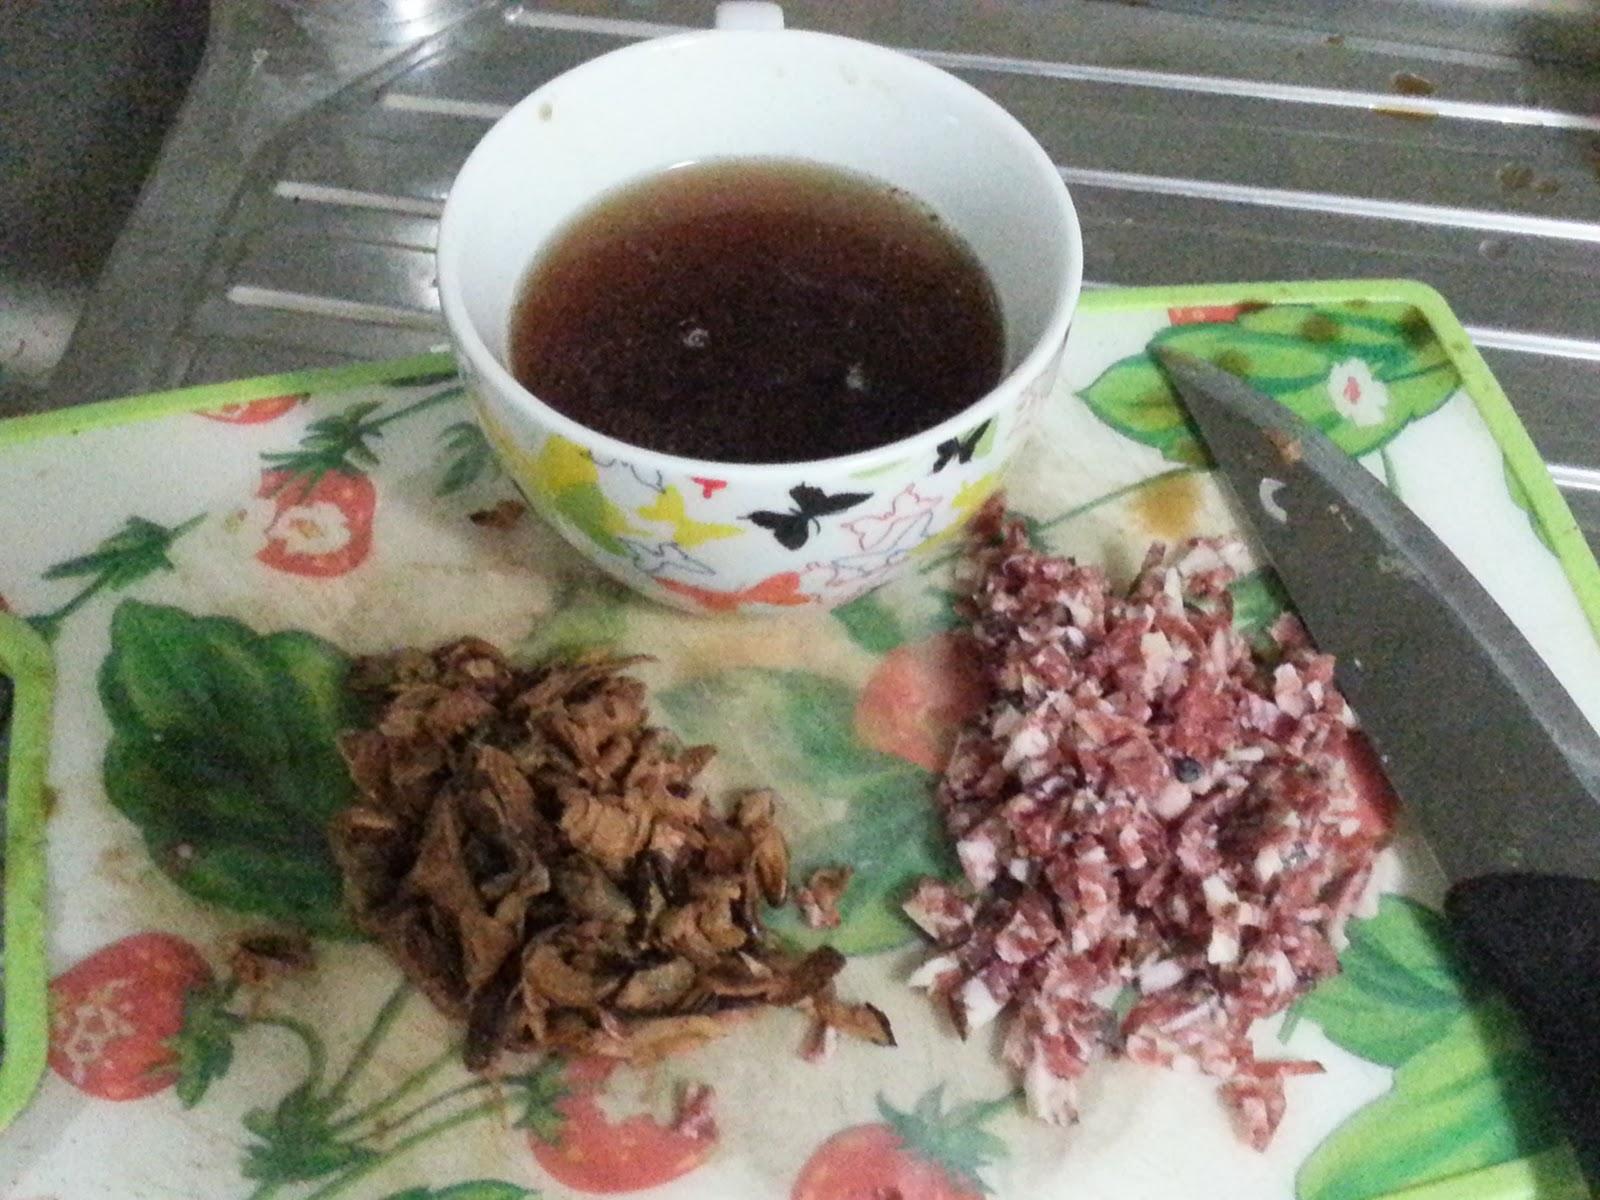 Desperate house cooker fregola con porcini zafferano e salame al barolo di virz - Funghi secchi a bagno ...